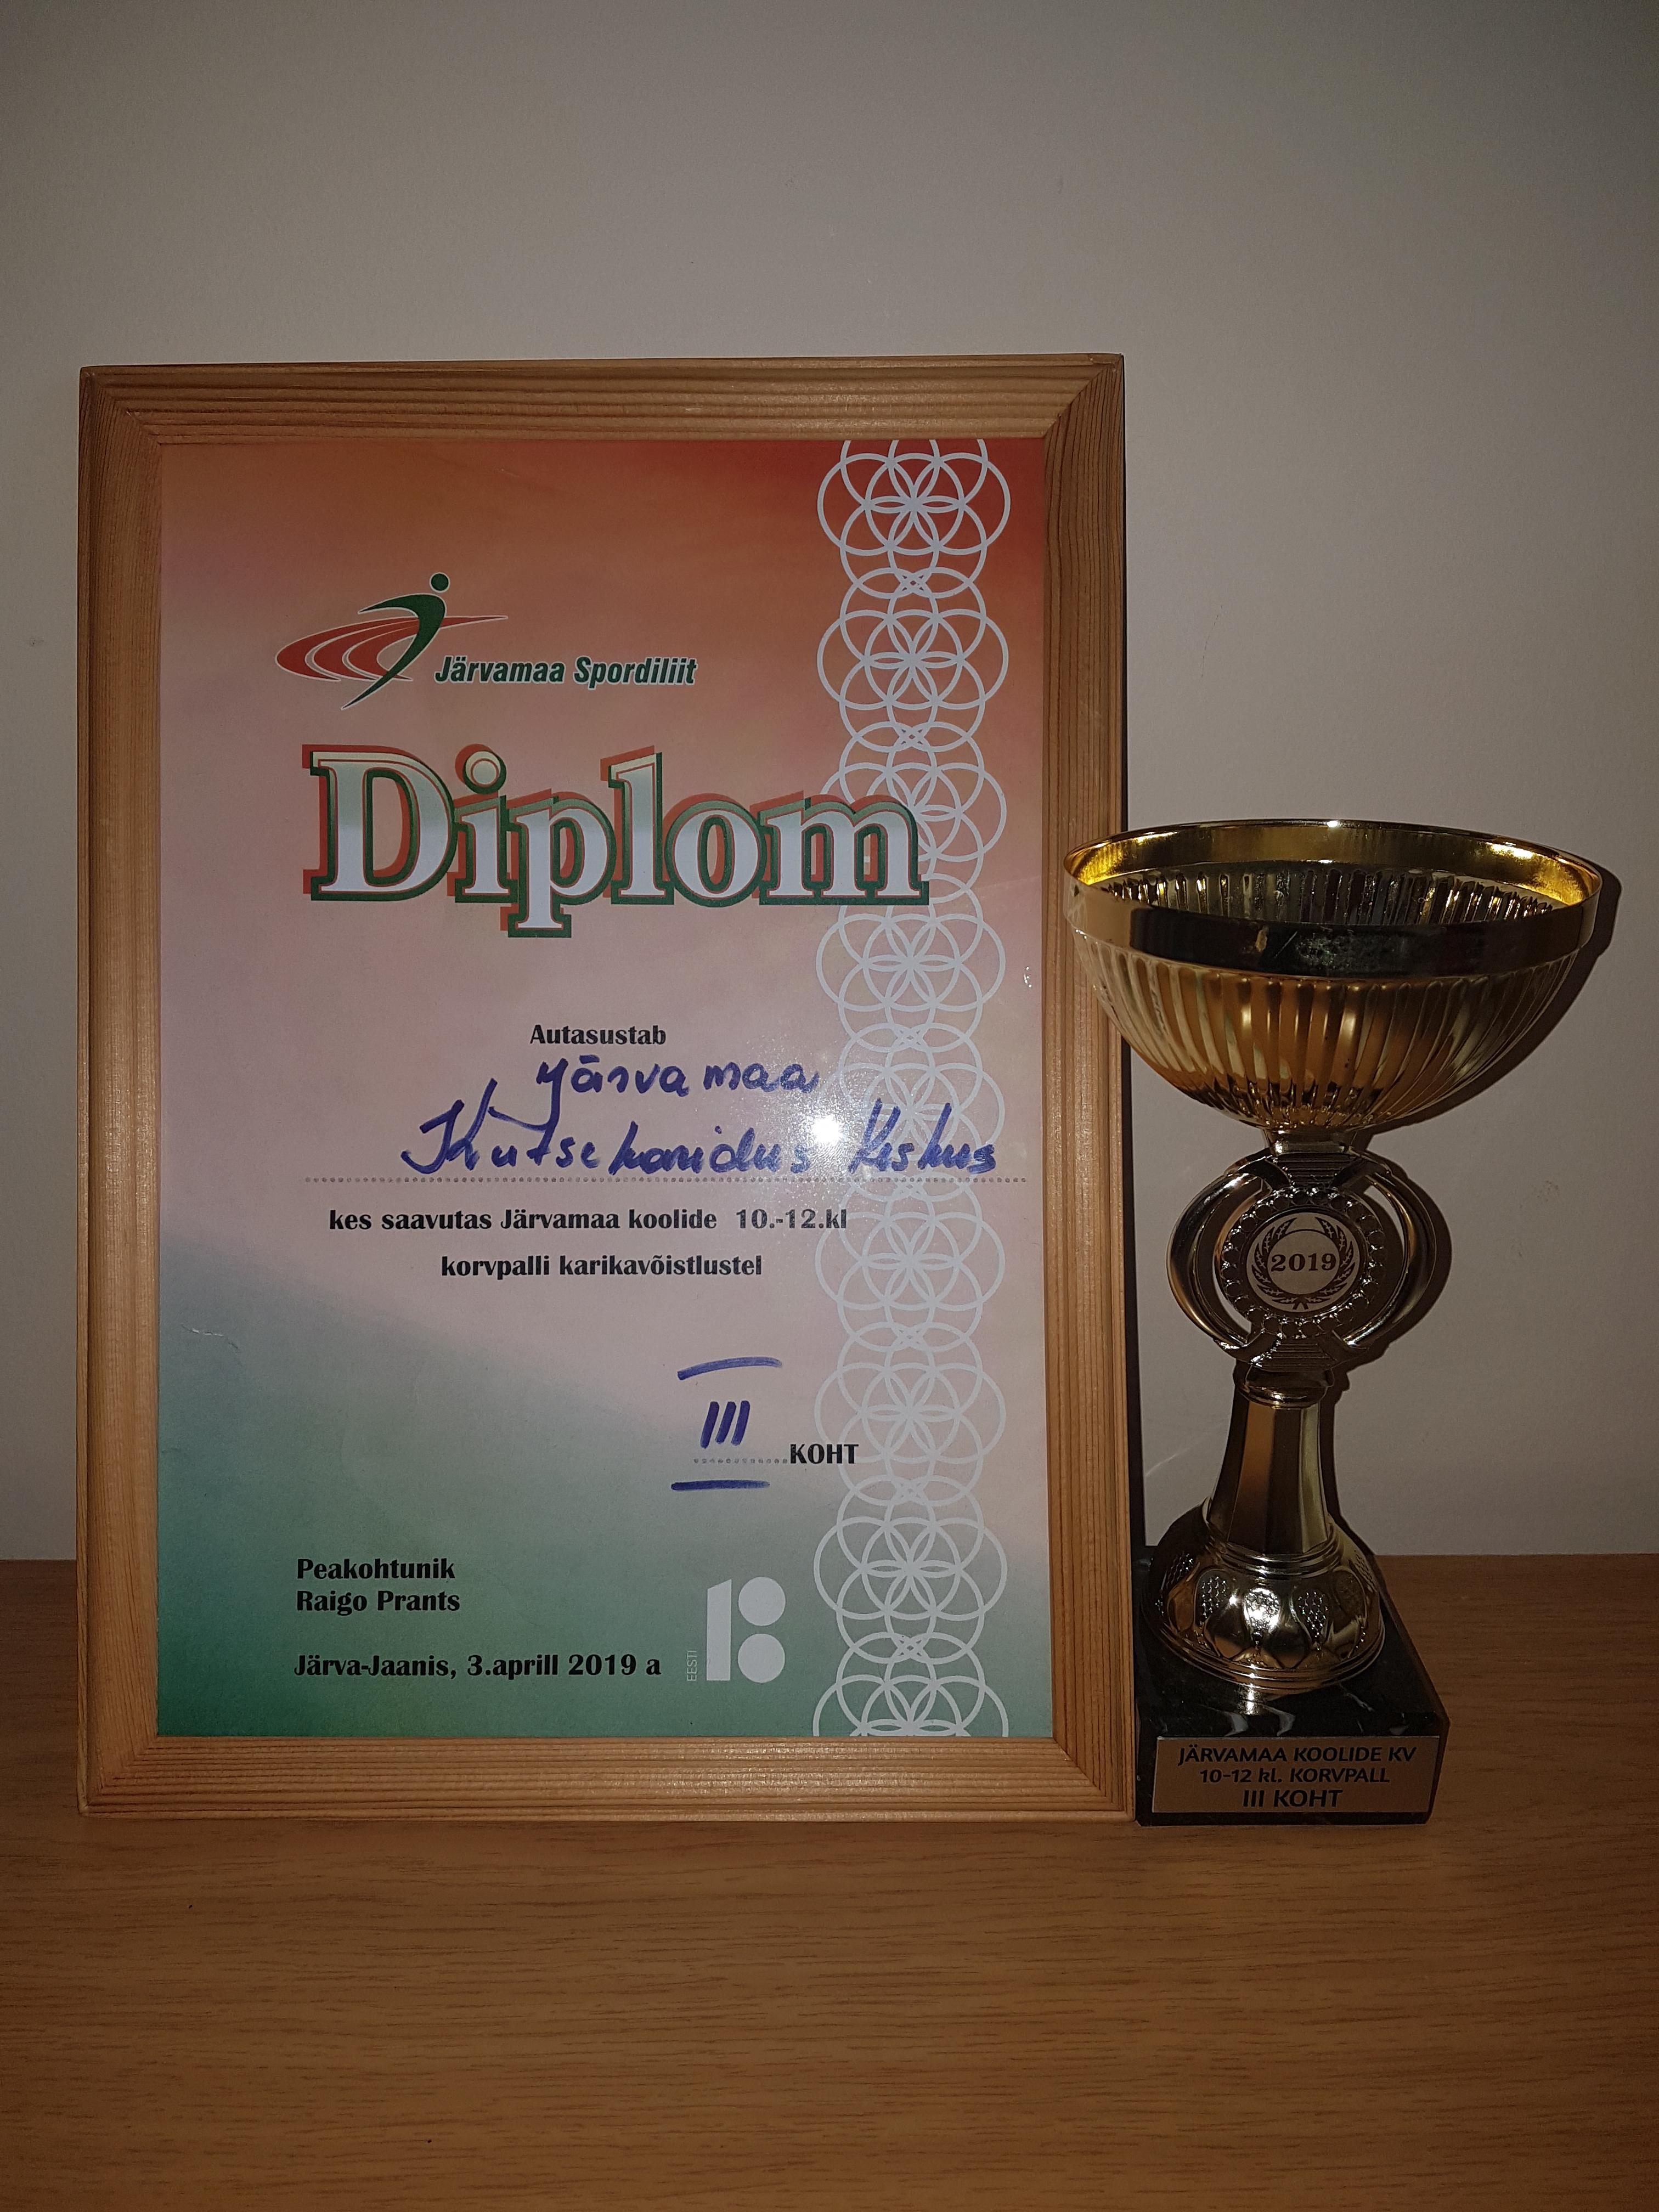 Järvamaa Kutsehariduskeskuse korvpalli võistkond saavutas Järvamaa koolide 10.-12.klasside vahelisel korvpalli karikavõistlusel auhinnalise III.koha.